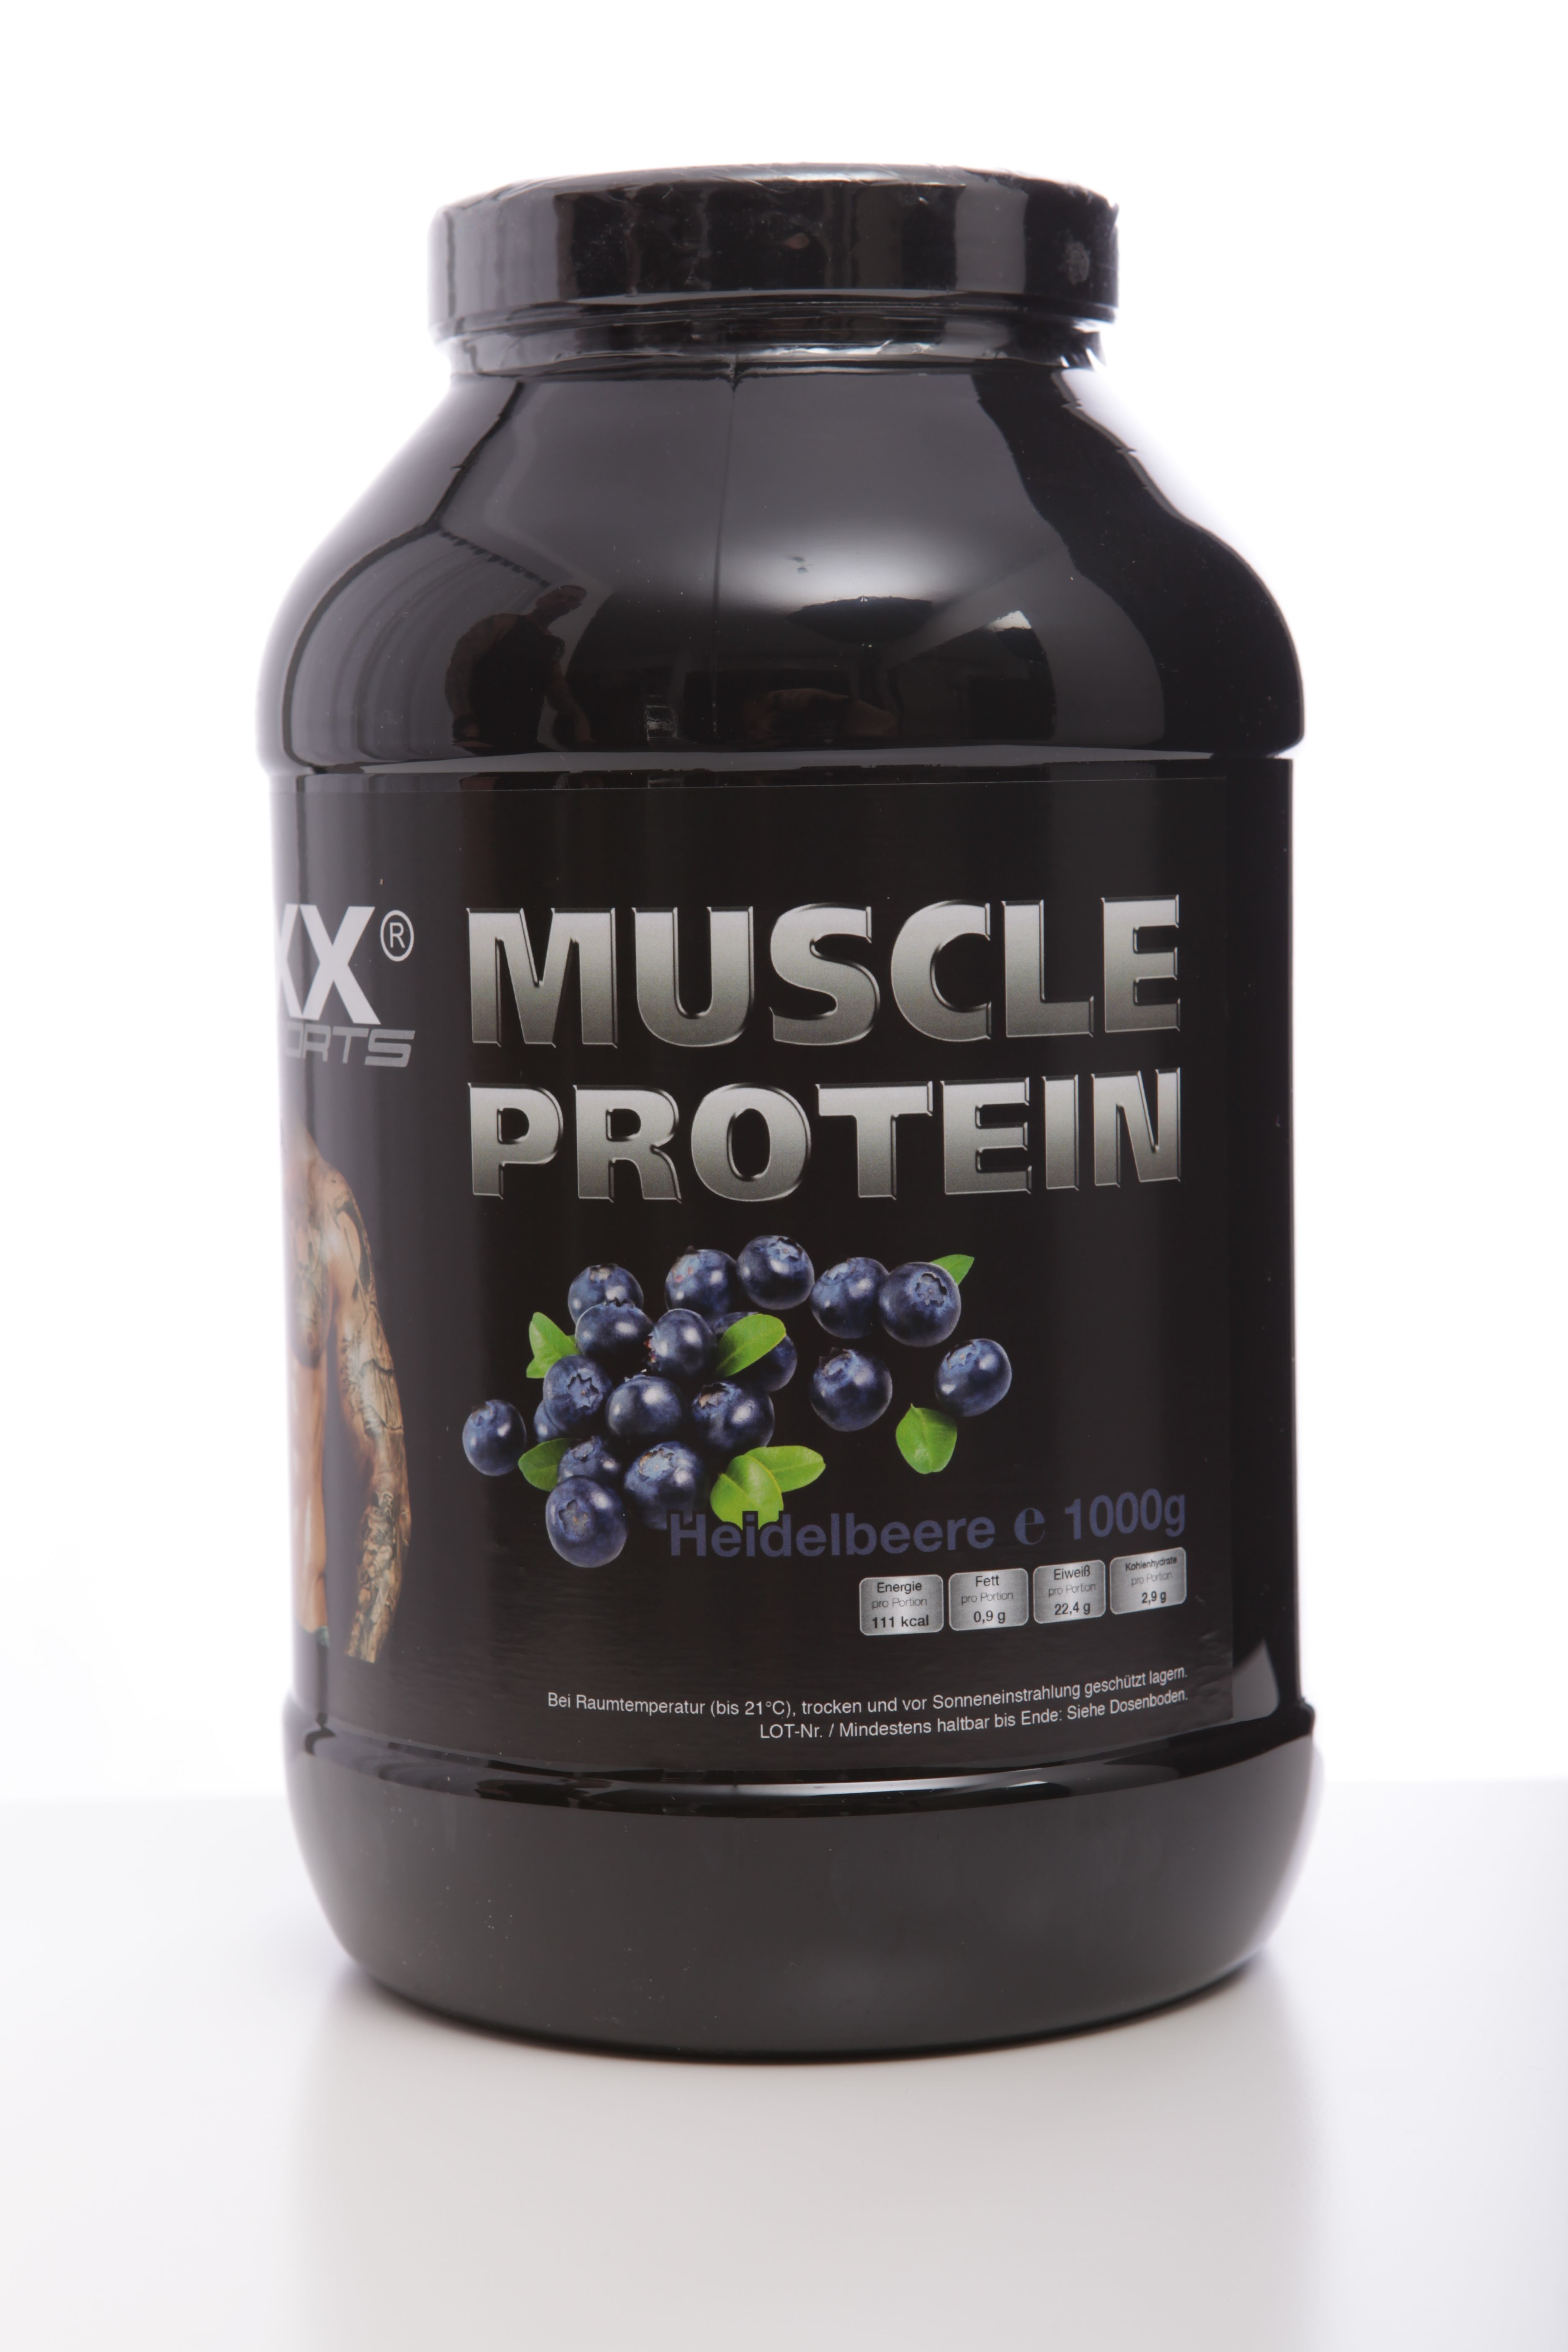 Immer mehr Sportler verlassen sich nach dem Training ausschließlich auf reine Molke, vergessen allerdings den Effekt der gegenseitigen Aufwertung verschiedener Eiweißquellen. Eine echte Alternative zu herkömmlichen Wheyprodukten ist das neue Mehrkomponente Protein Sixx Paxx Sports , das sich hervorragend in Wasser löst. Die tierischen und pflanzlichen Proteinbestandteile ergänzen sich zu einem großartigen Aminogramm. Darüber hinaus überragt die schnell verwertbare Proteinmischung aus 9…